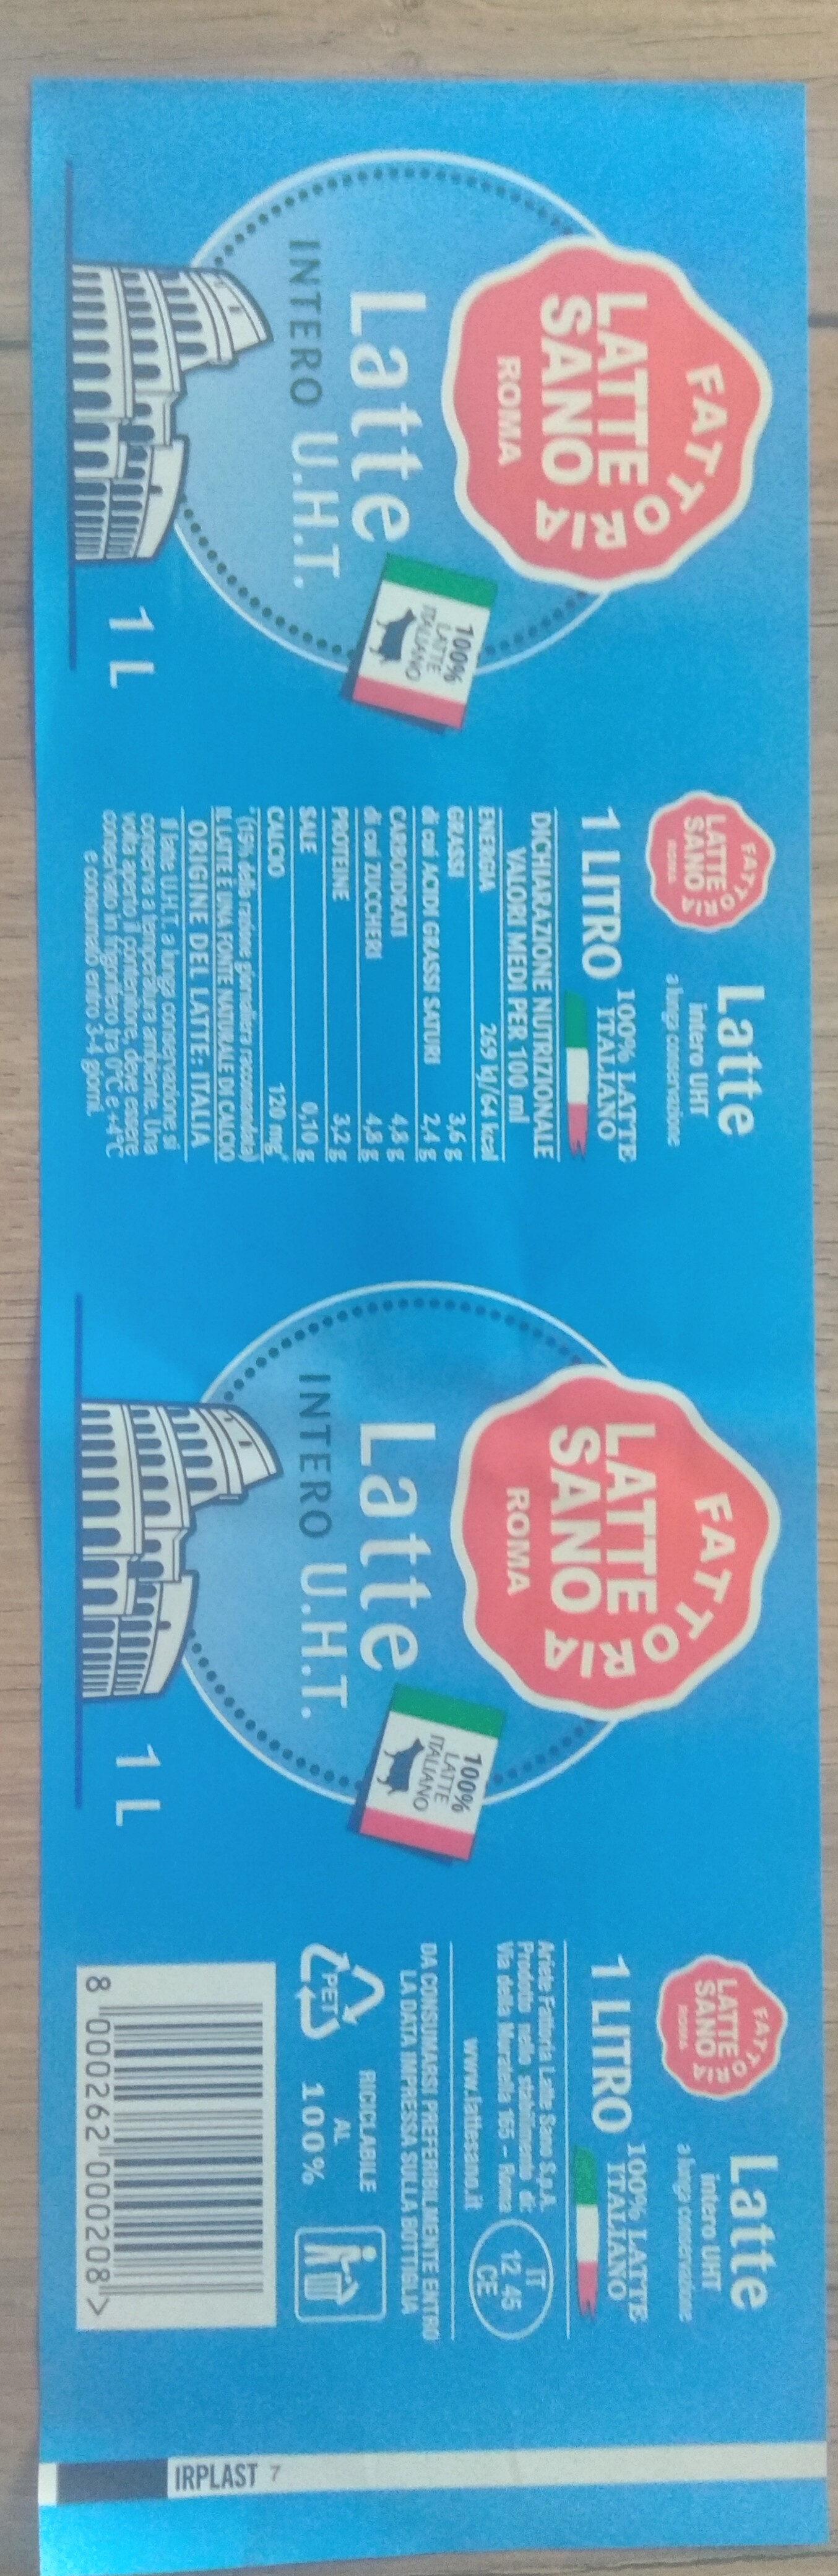 Fattoria latte sano - Prodotto - it